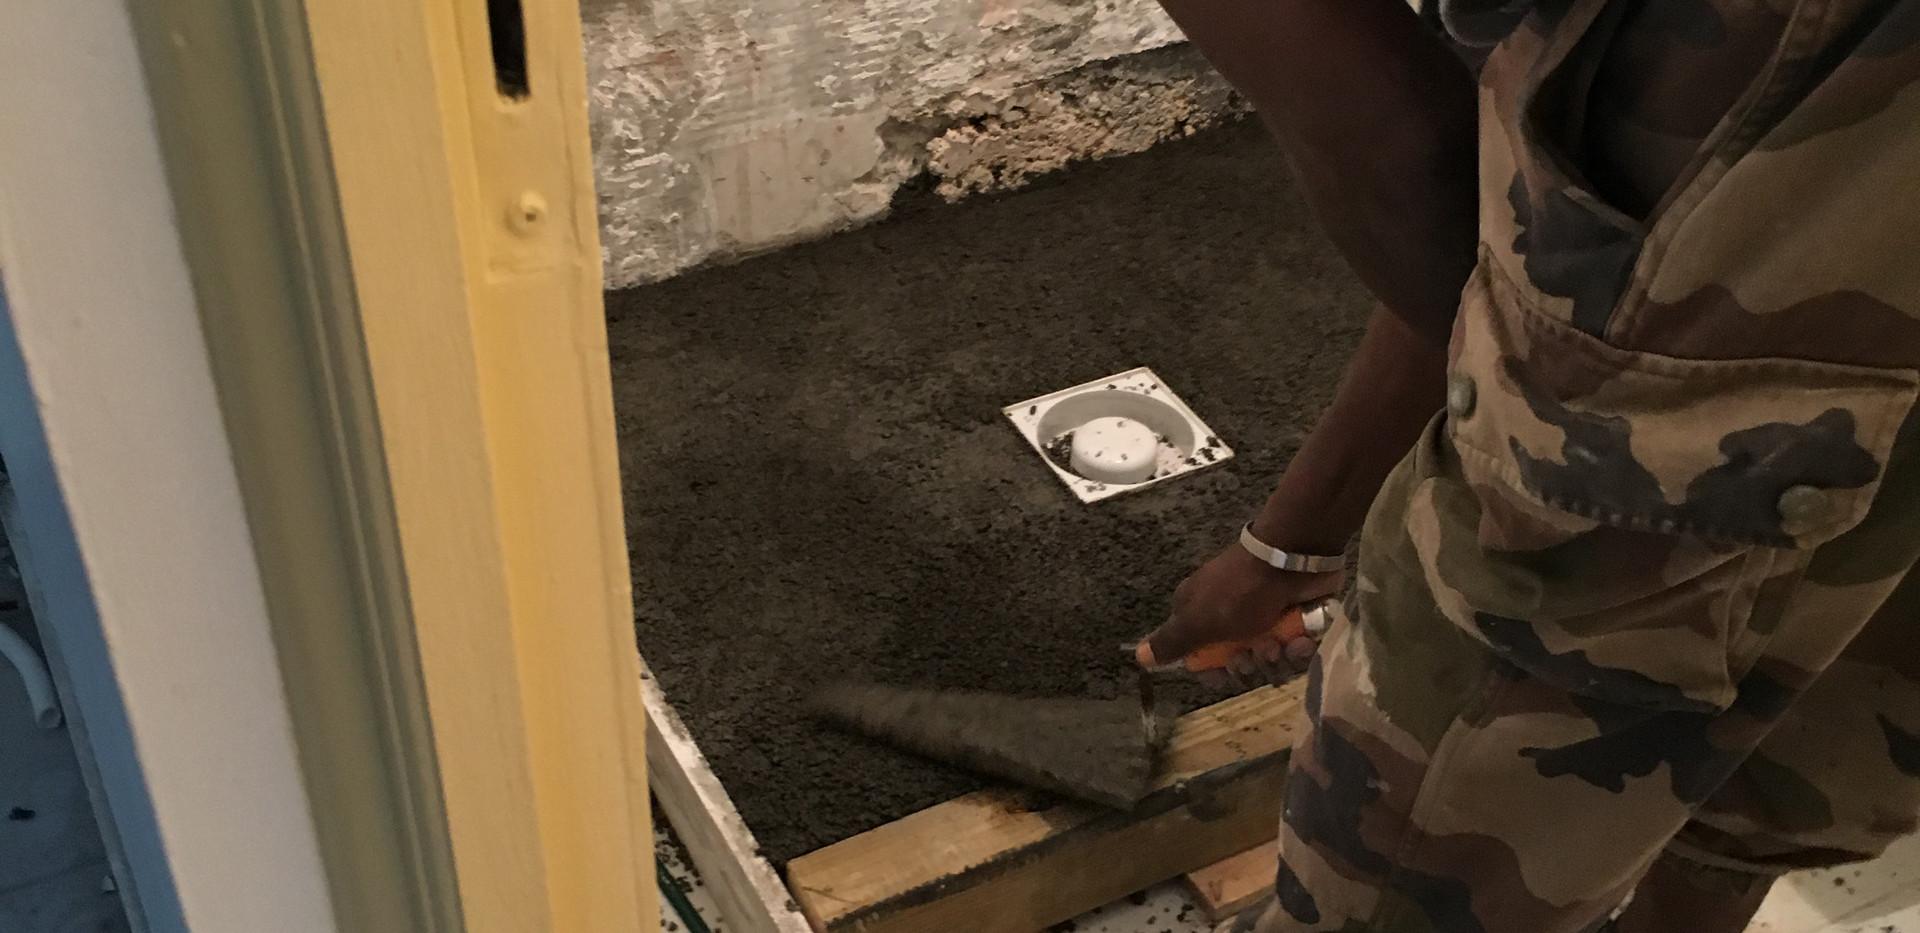 Tous travaux plomberie, electricité, carrelage 7 ESO BTP - Travaux de construction et rénovation - Guadeloupe